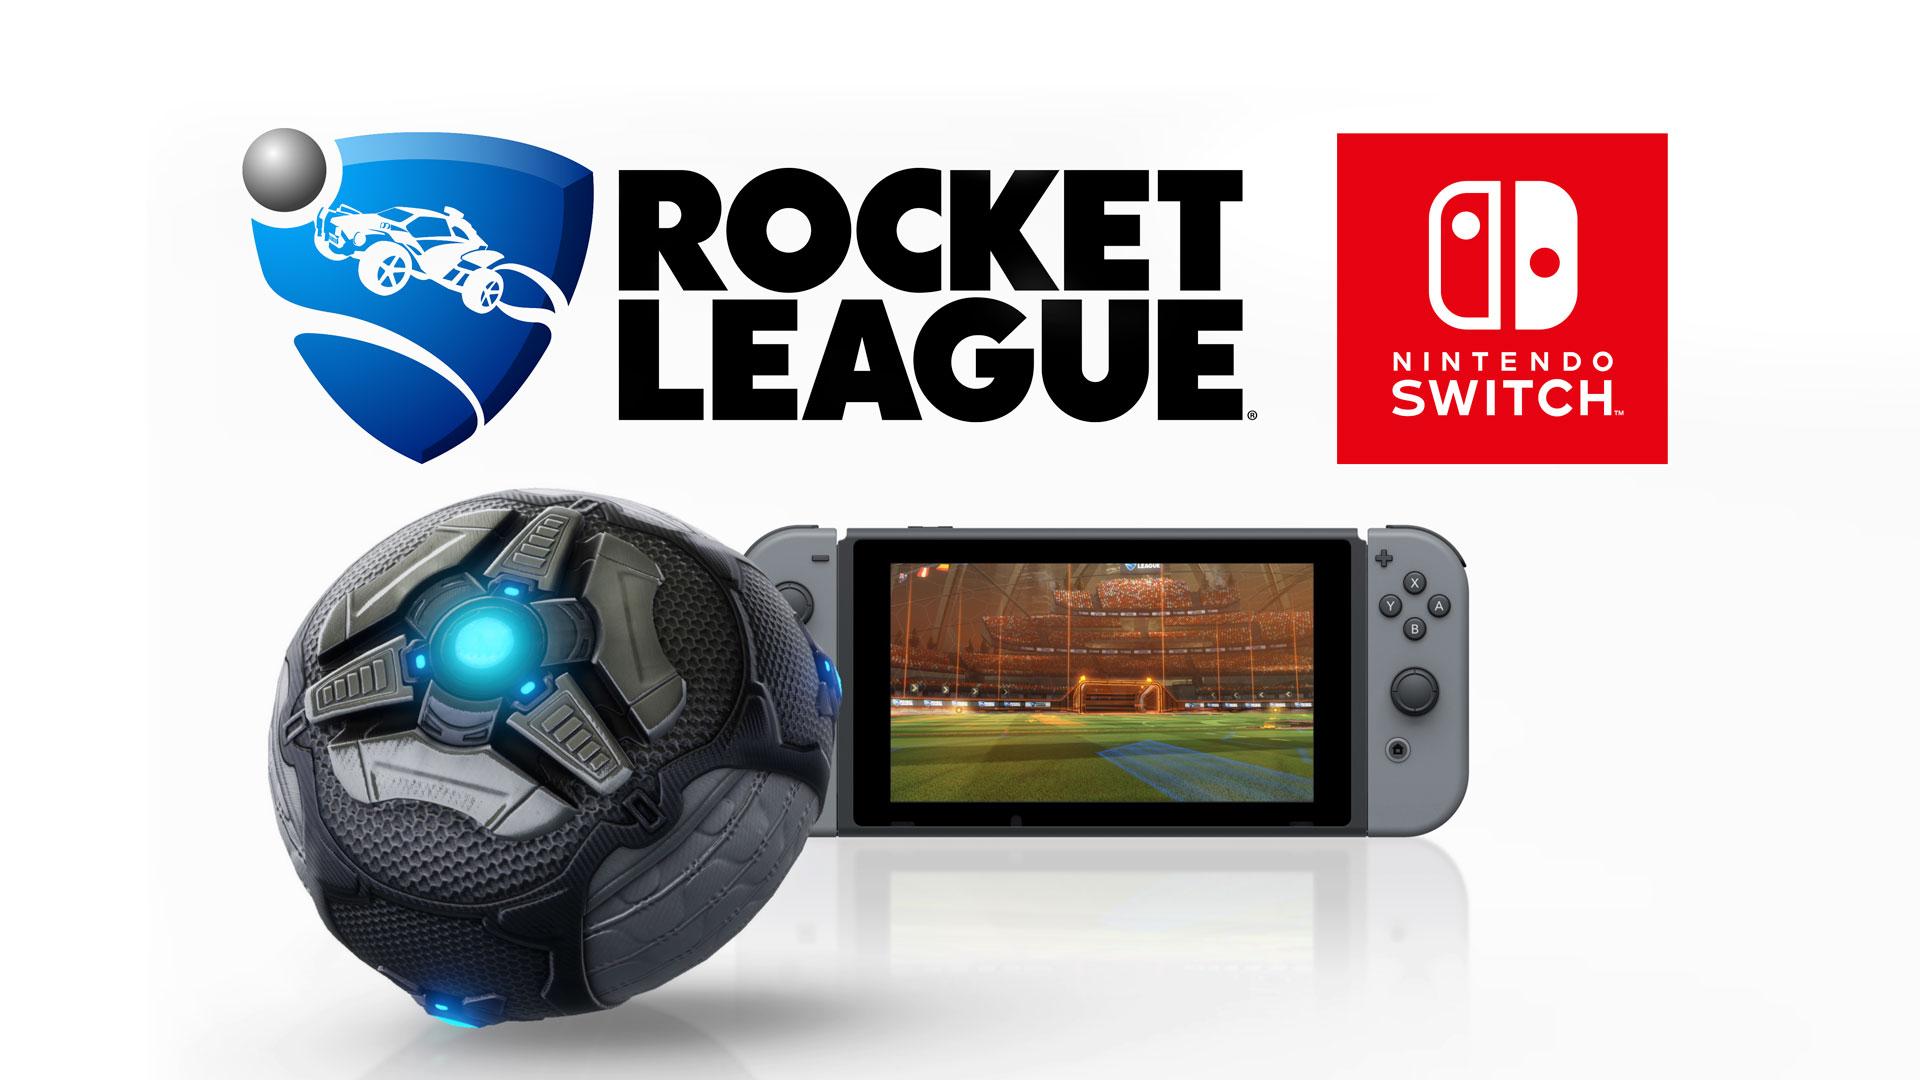 On connaît la date de sortie de Rocket League sur Nintendo Switch !